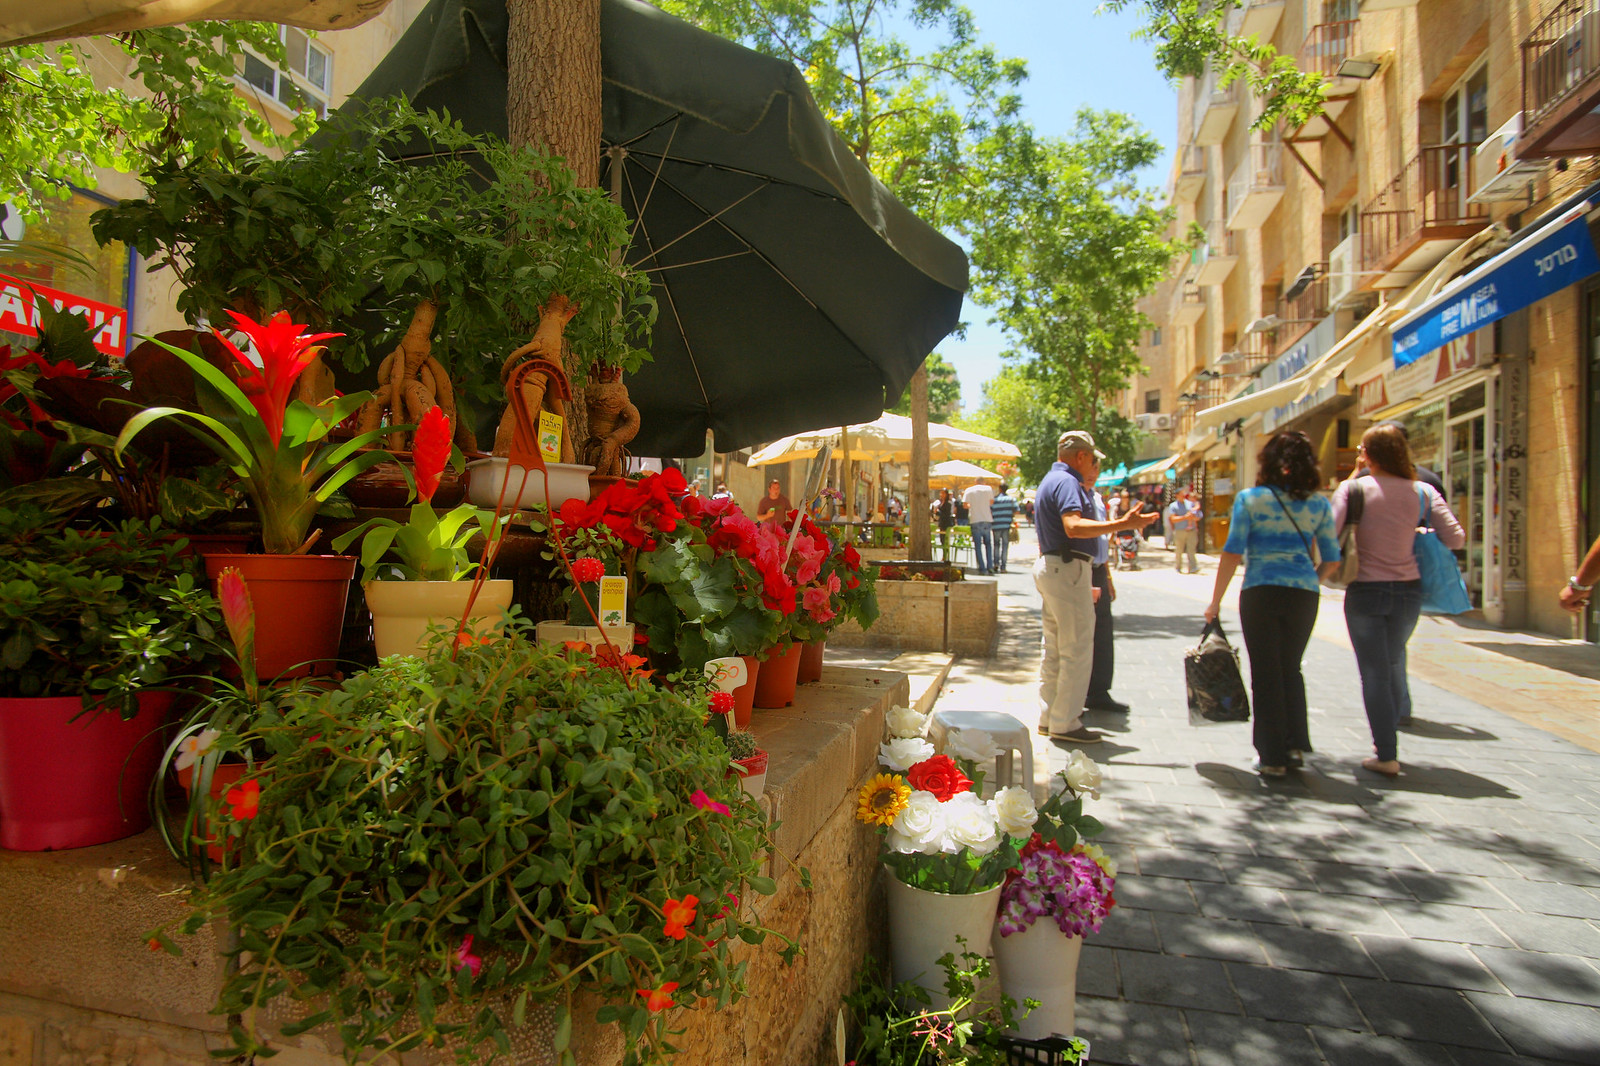 Jerusalem_City Center_1_Noam Chen_IMOT